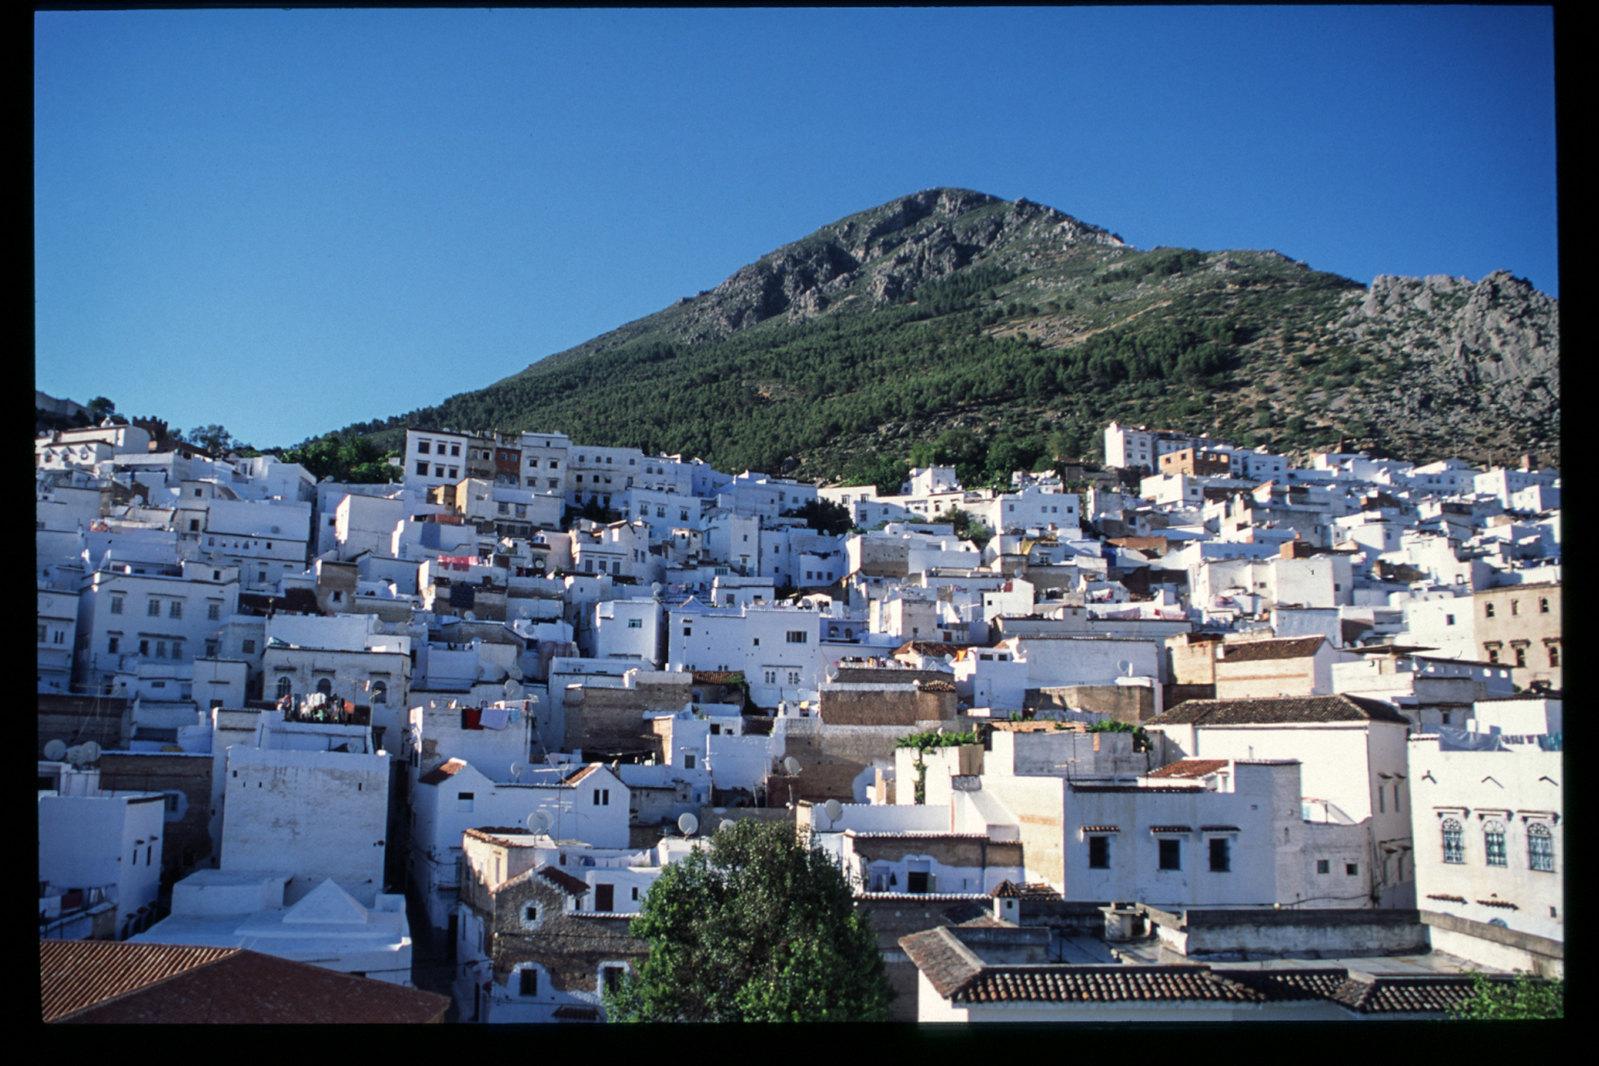 Maroc -Rif - Chefchaouen, au pied de la montagne